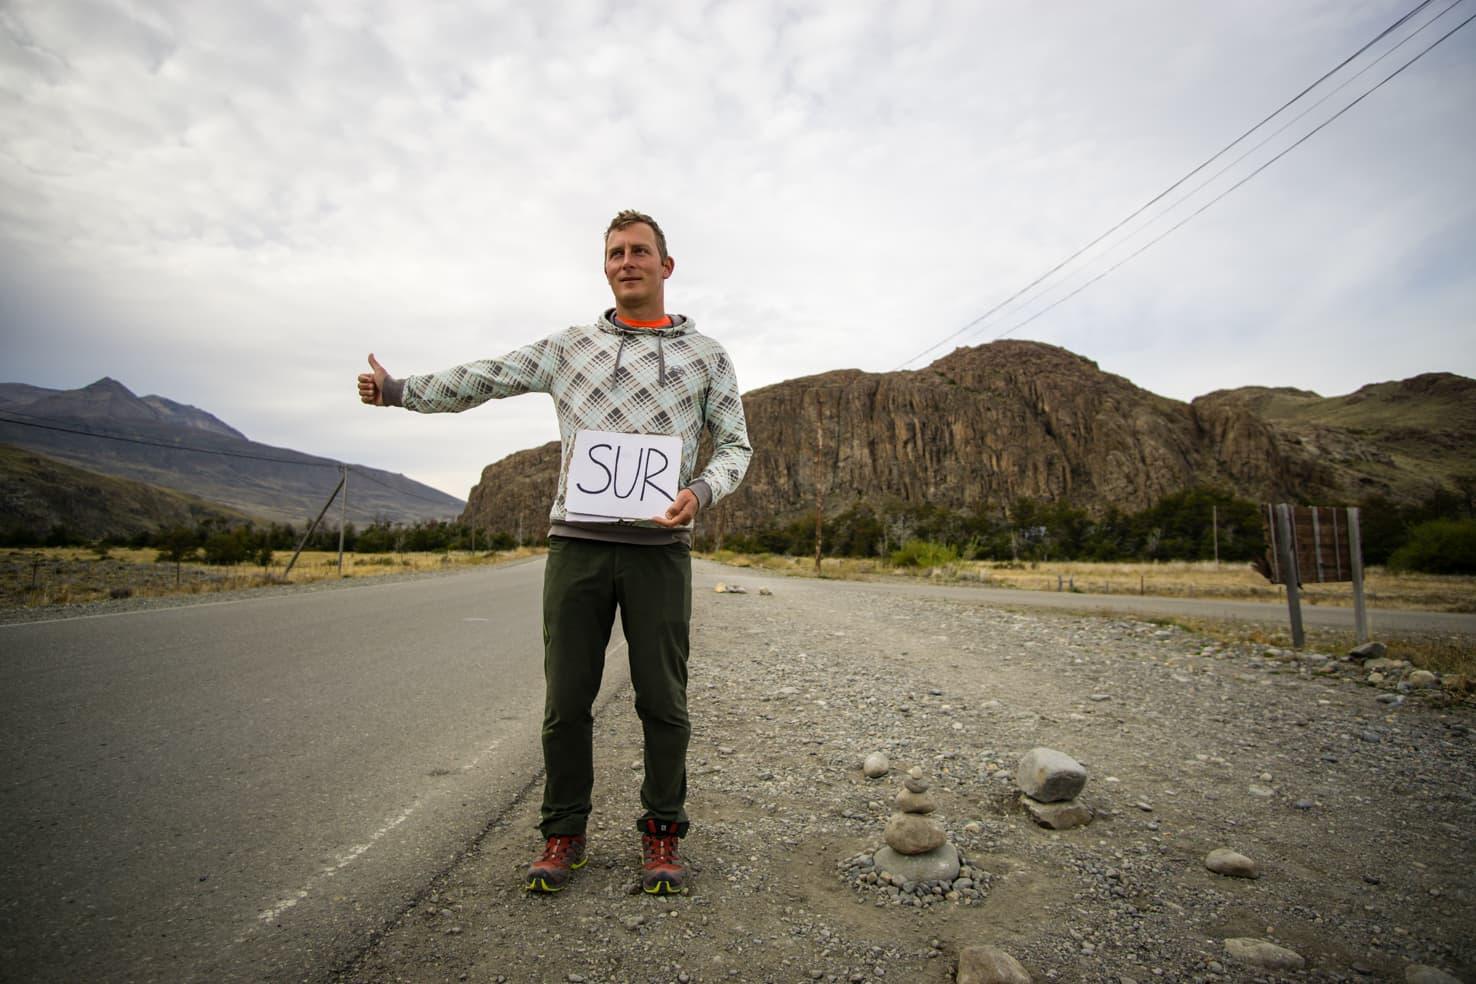 Hitchhiking in Patagonia